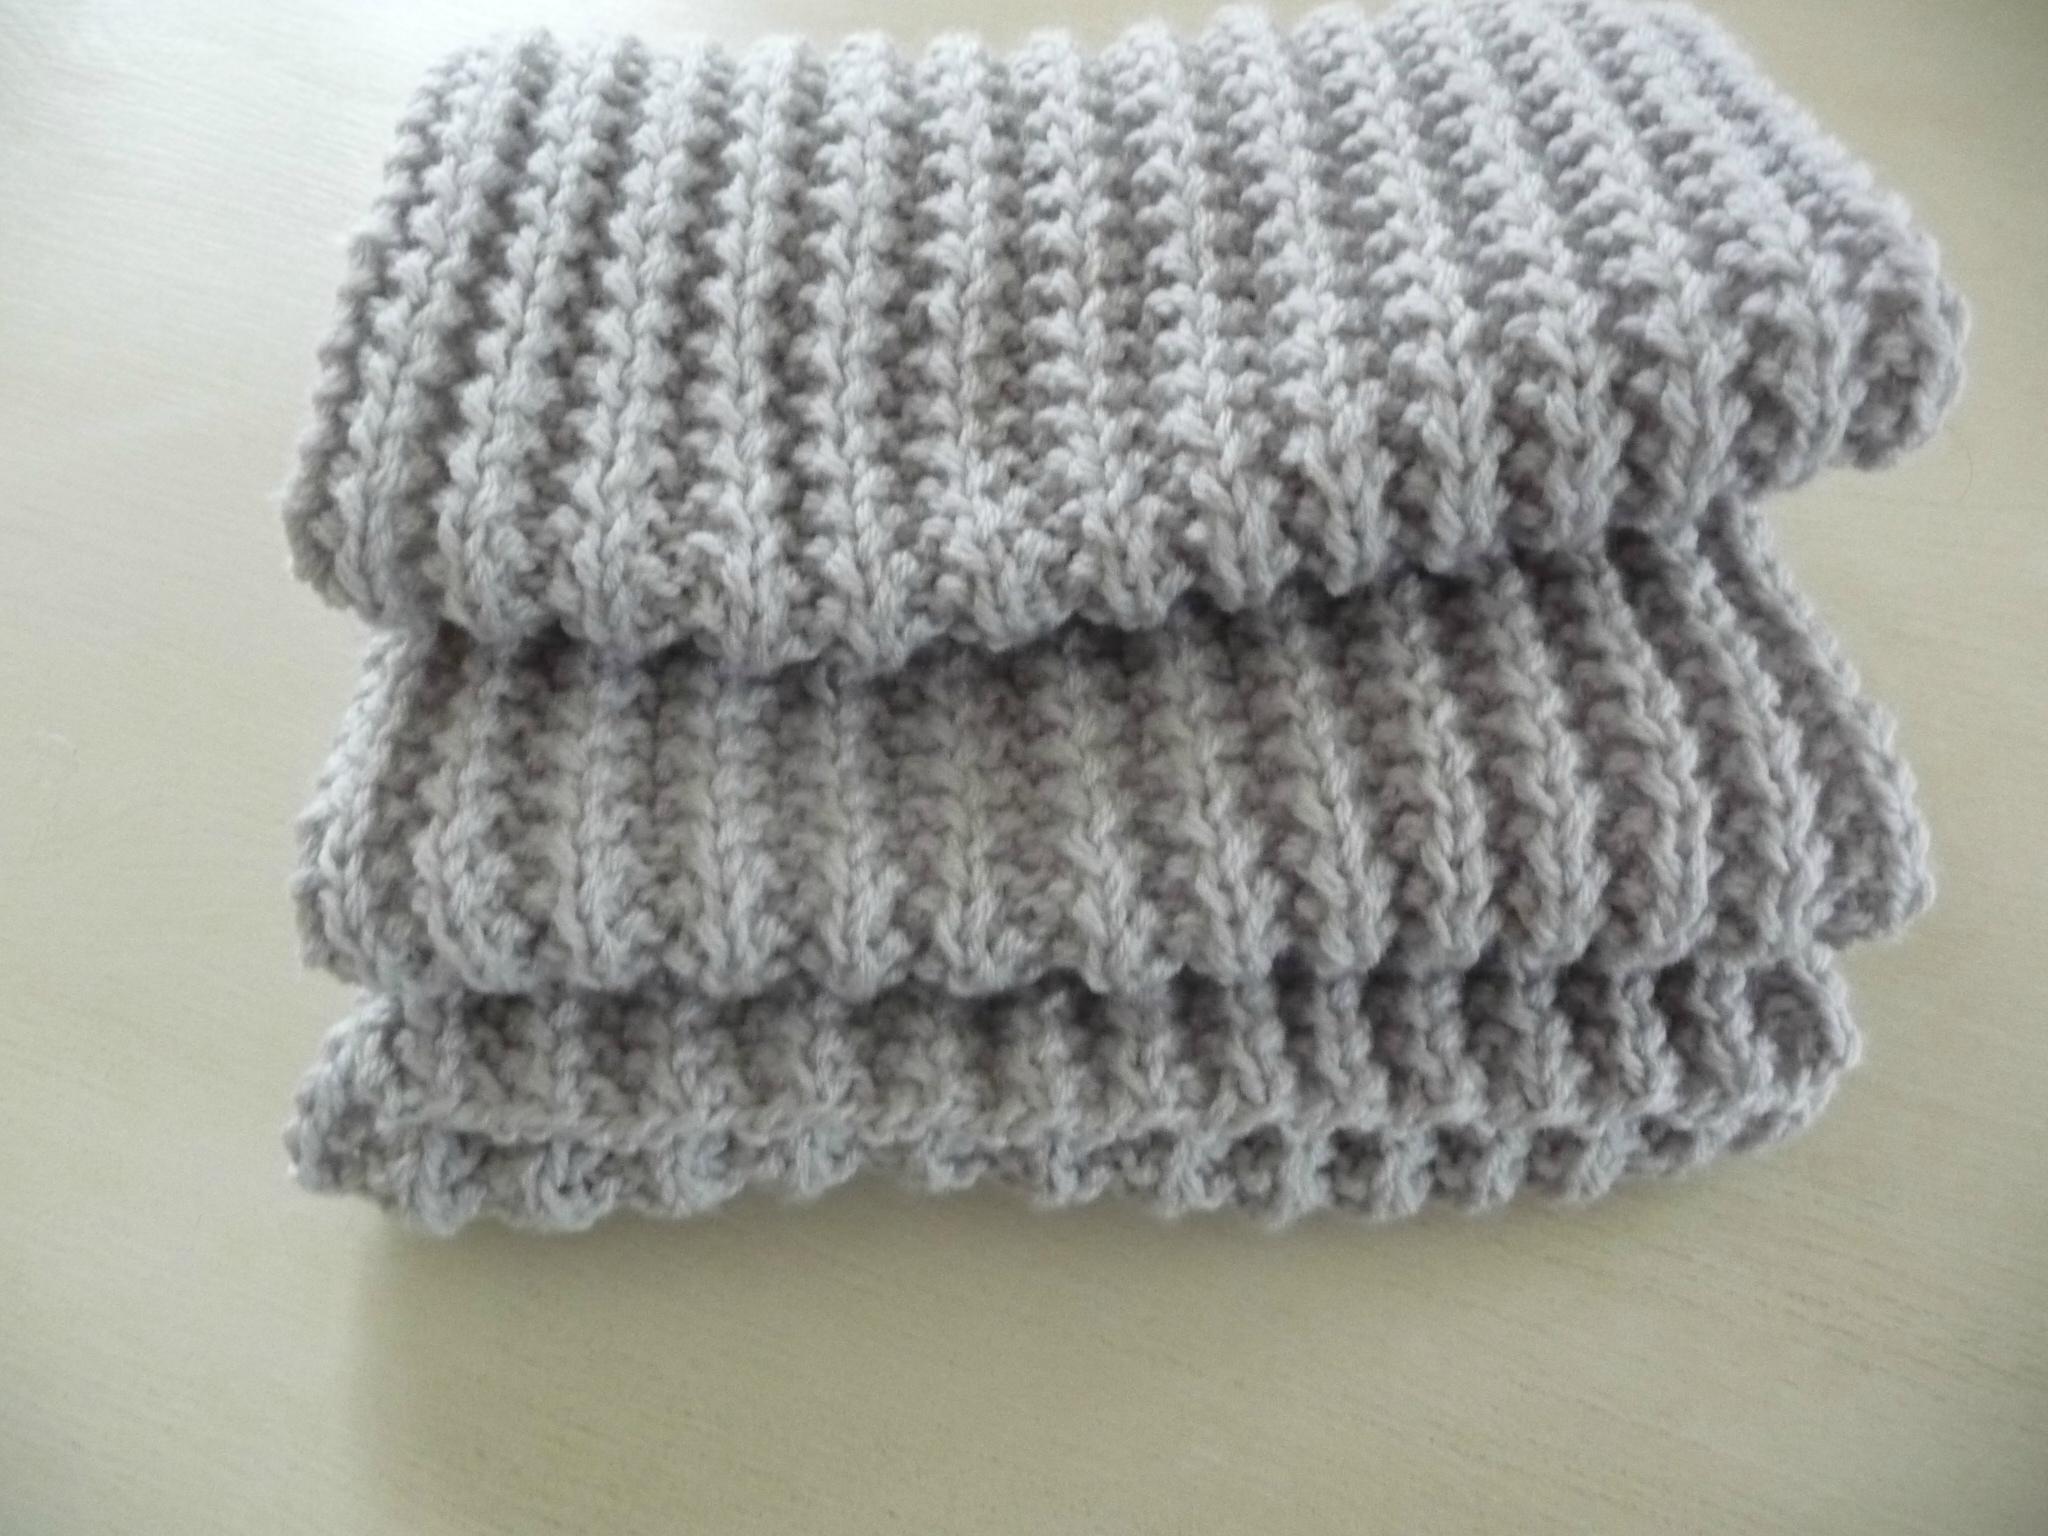 945c5895e3dd pelote de laine pour une echarpe